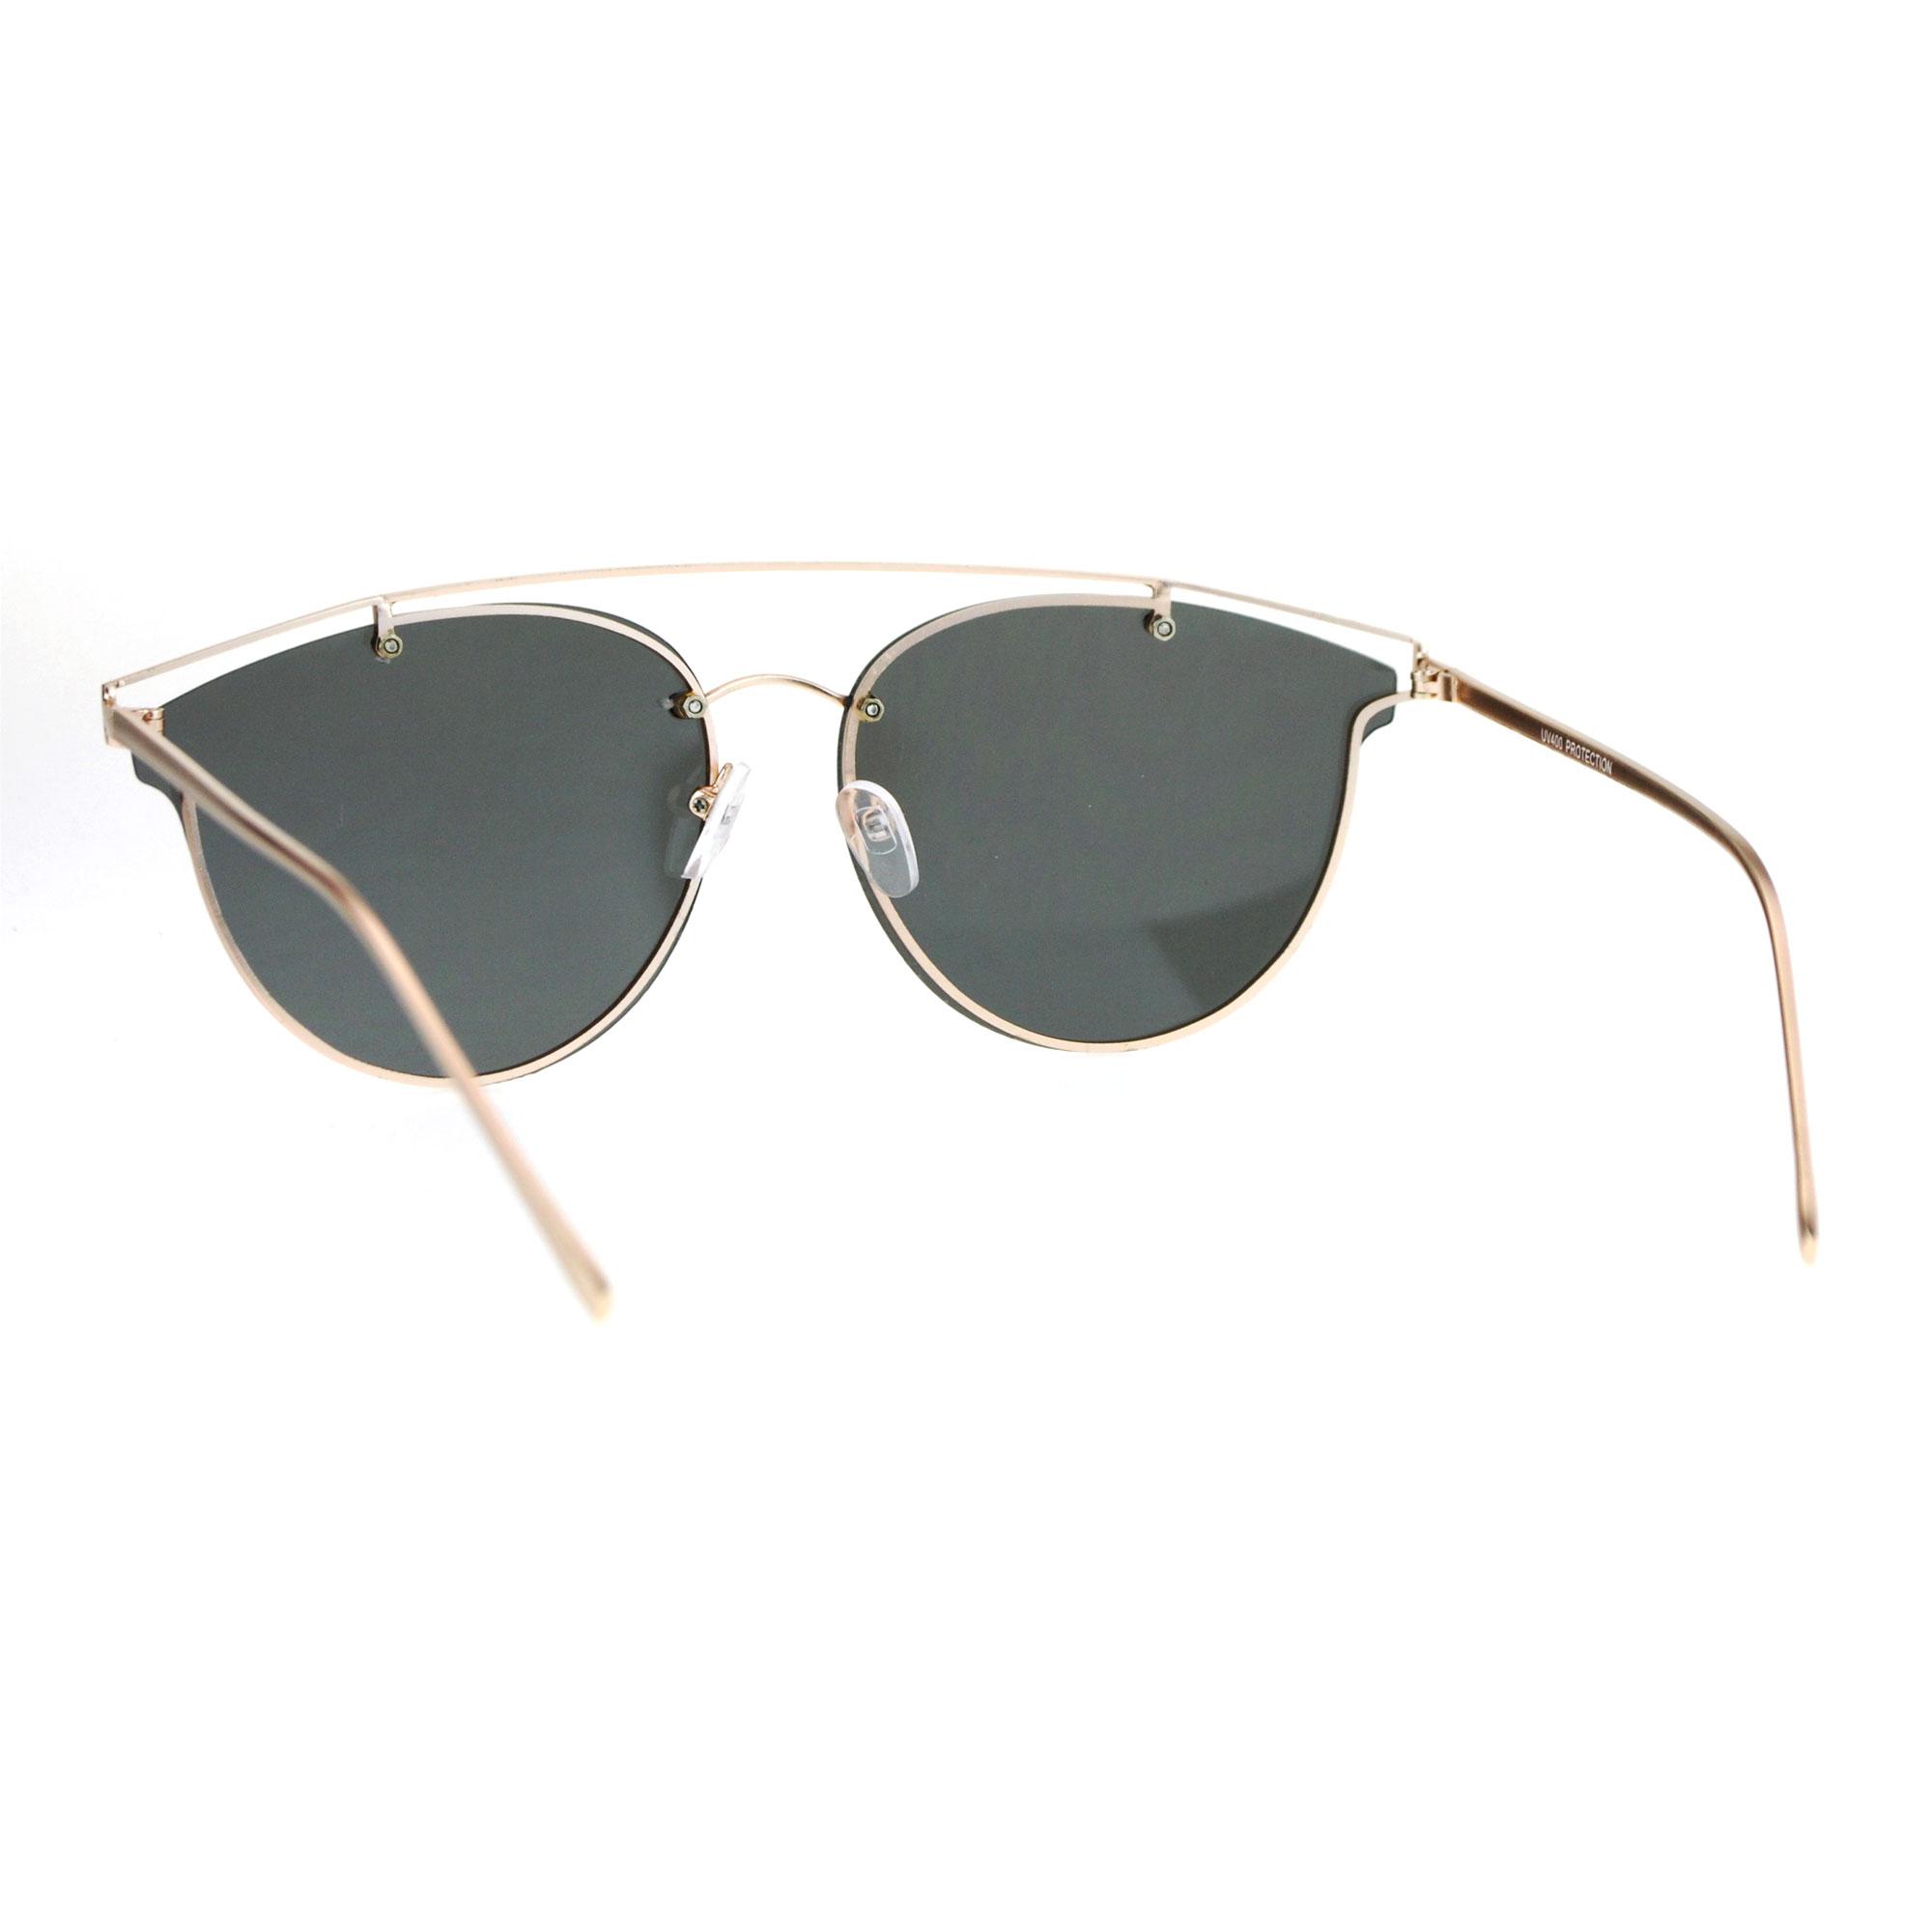 Rimless Wire Glasses : SA106 Color Mirror Flat Panel Unique Rimless Wire Bridge ...